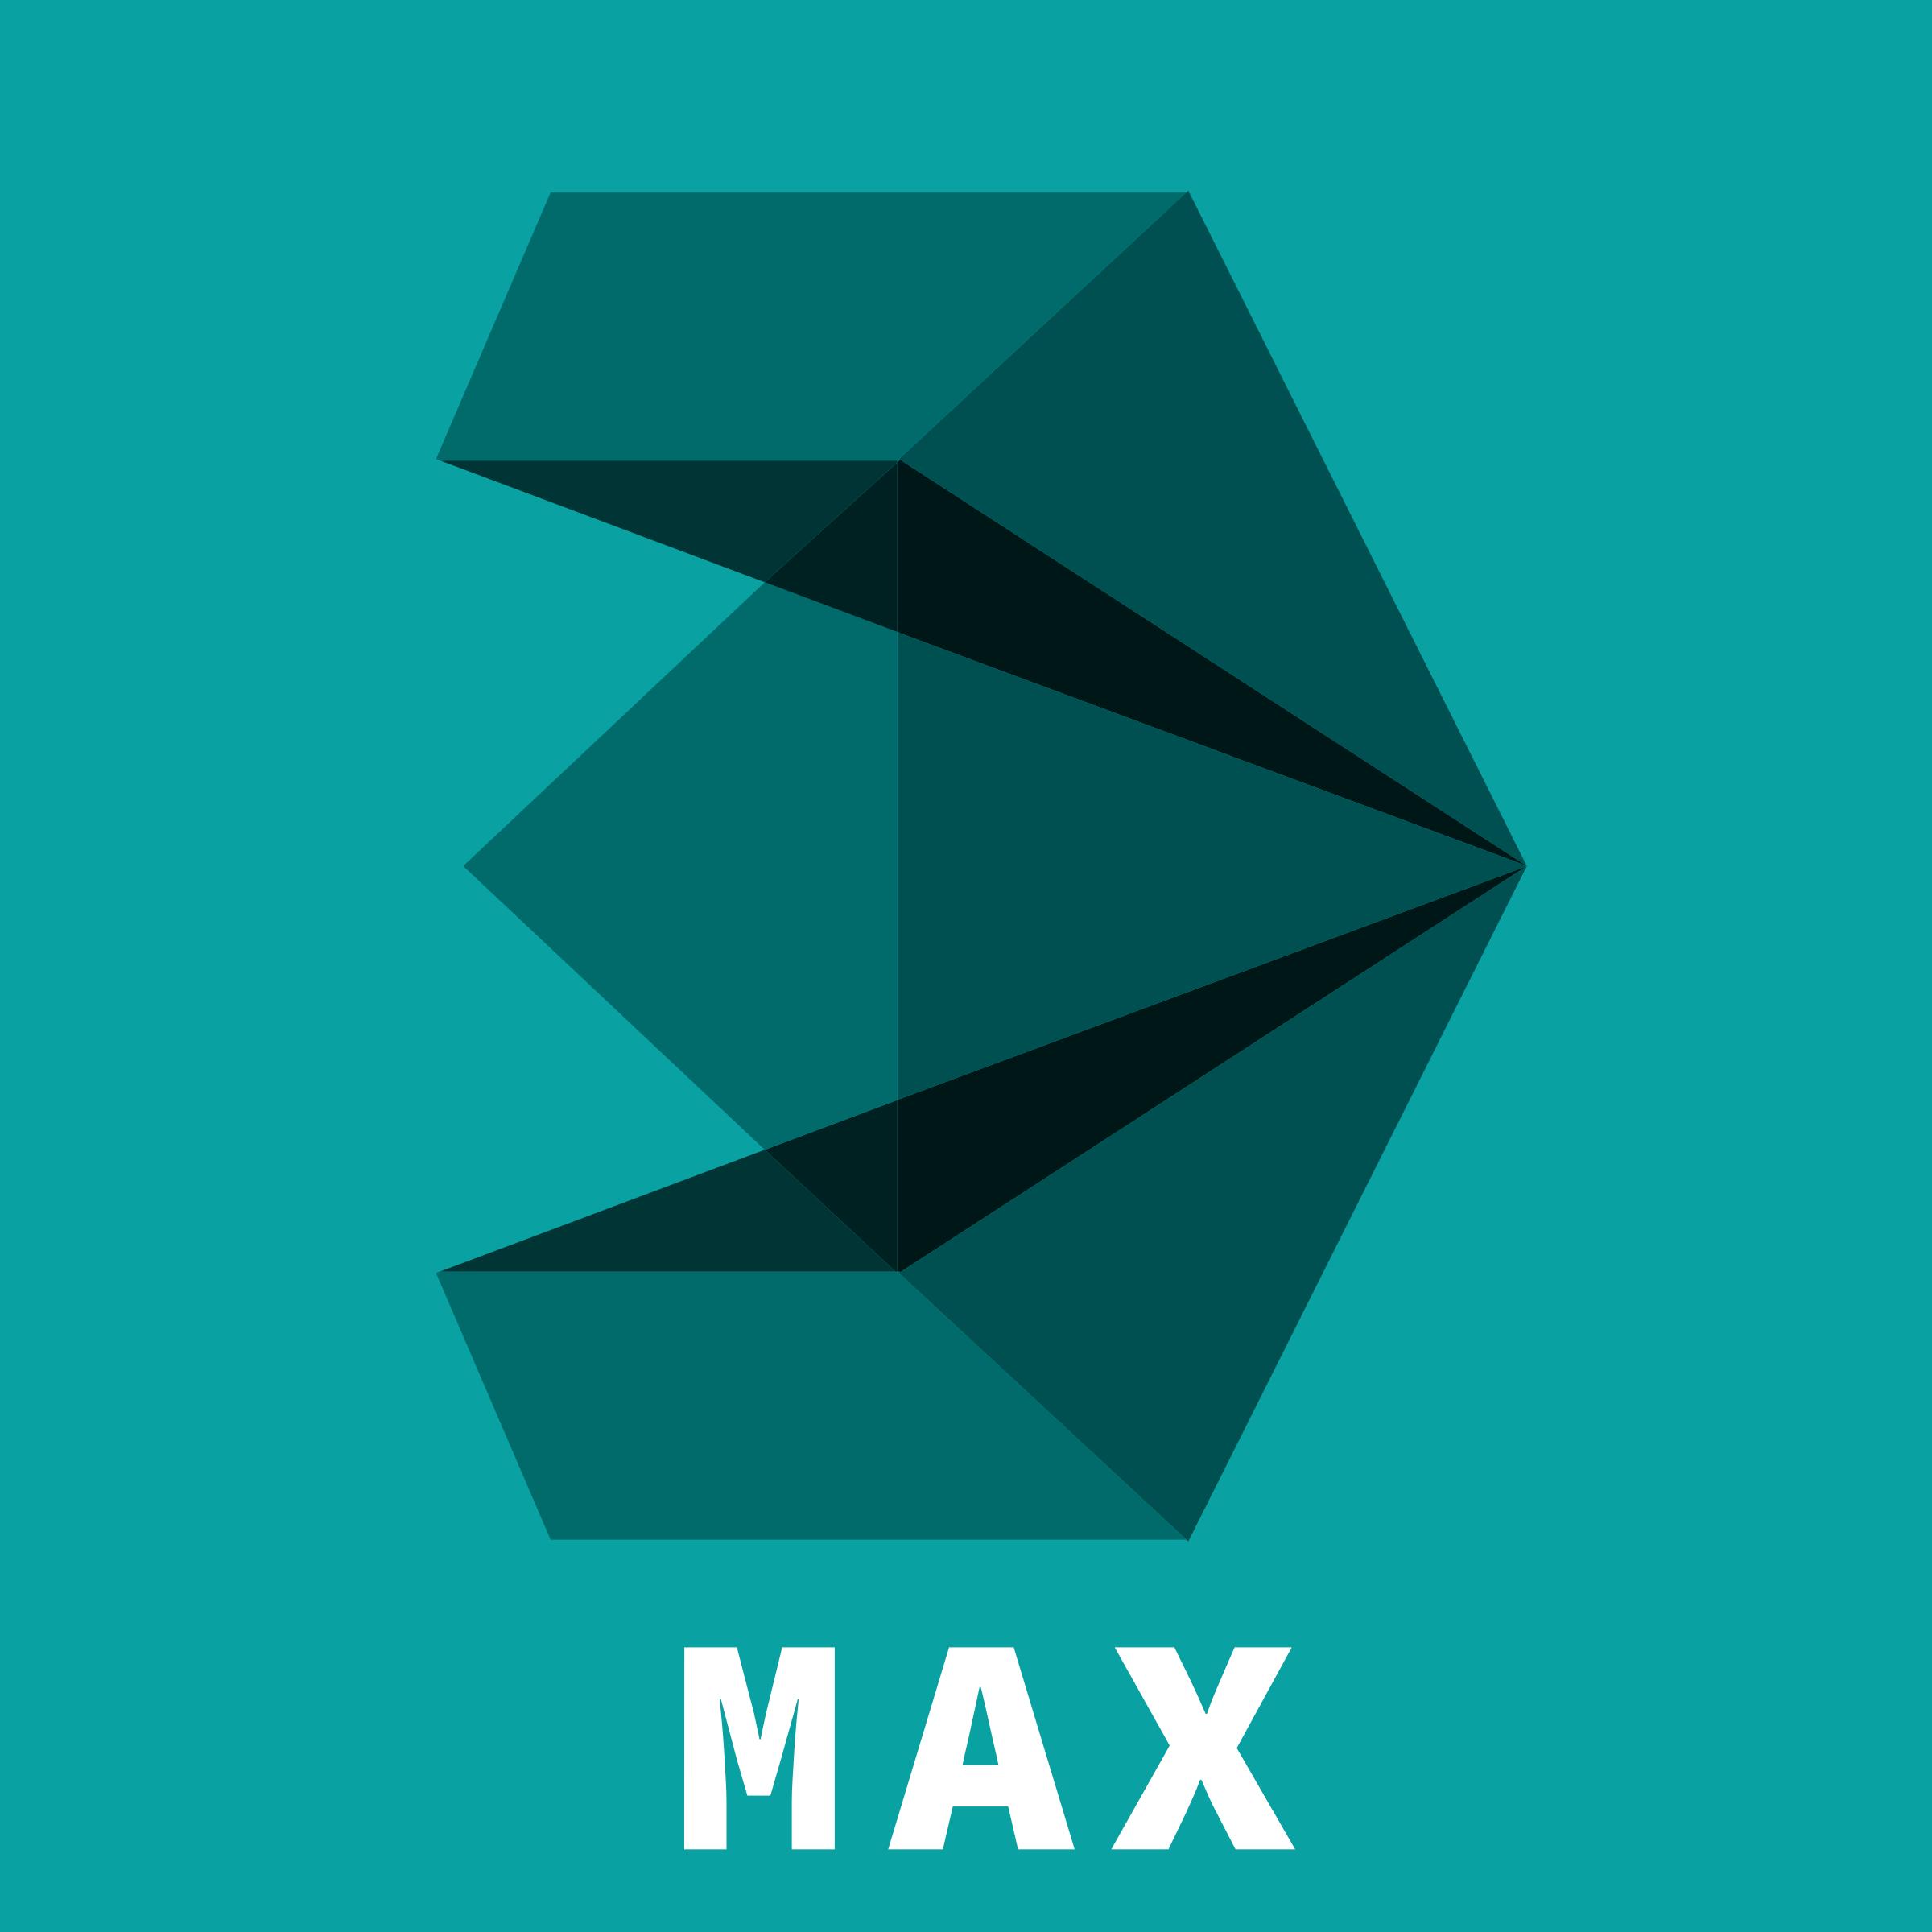 کلاس های آموزش نرم افزار 3D Max